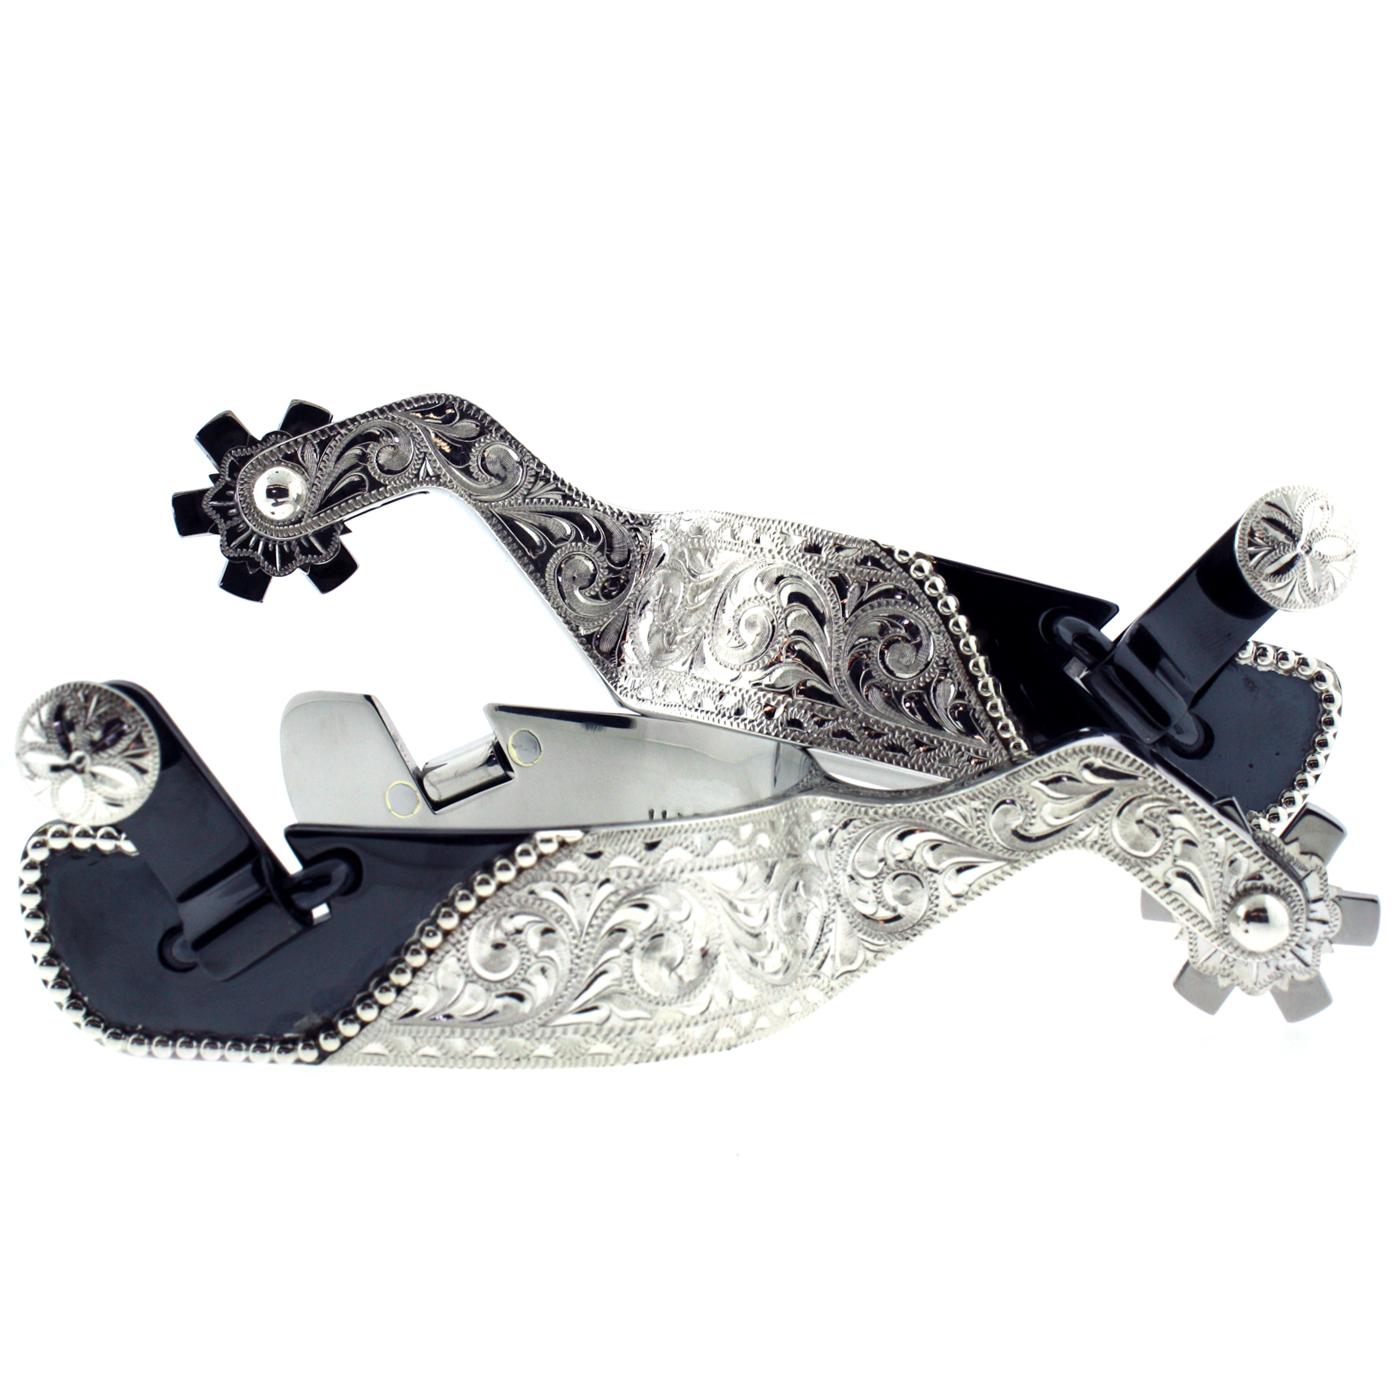 Blued Steel & Engraved Silver Spurs